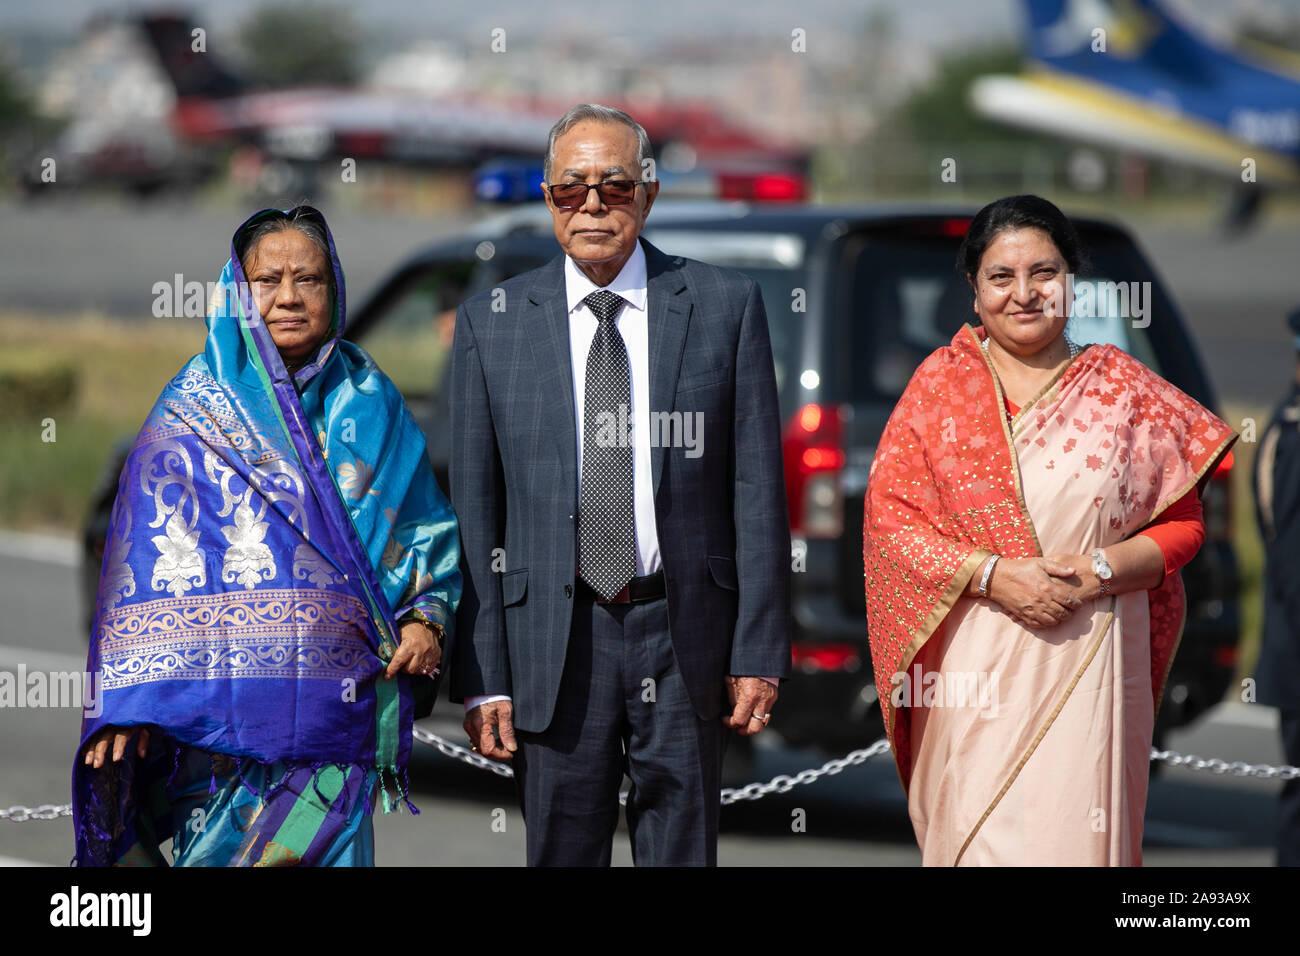 Katmandou, Népal. 12 Nov, 2019. Le président du Bangladesh Abdul Hamid (c) et le président du Népal Bidhya Devi Bhandari (R) et la première dame du Bangladesh Rashida Hamid(L) pose pour la photo à leur arrivée à l'aéroport international de Tribhuvan à Katmandou le 12 novembre 2019 (photo de Prabin Ranabhat/Pacific Press) Credit: Pacific Press Agency/Alamy Live News Banque D'Images